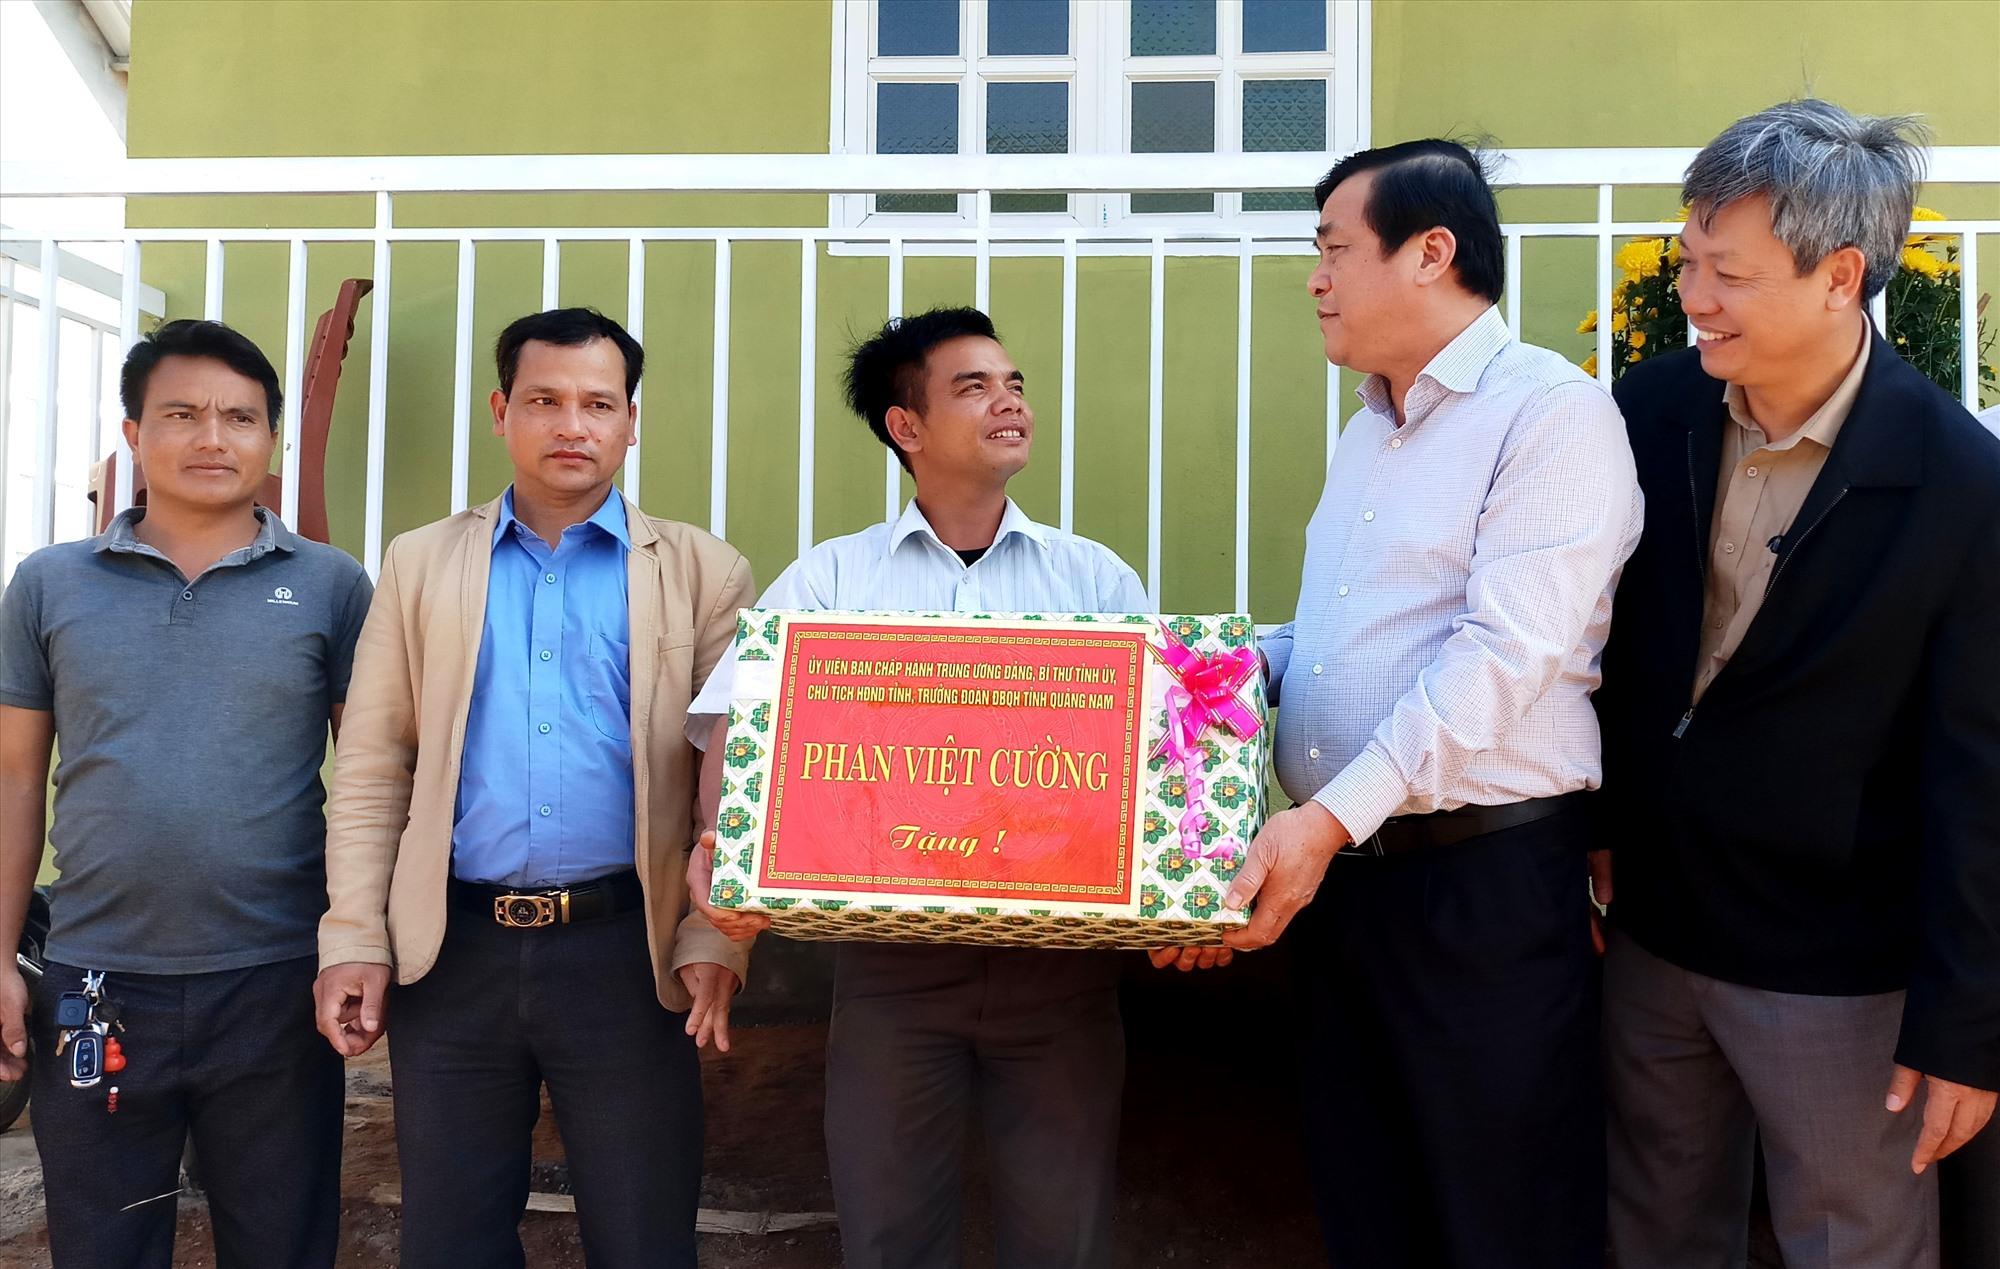 Dịp này, Bí thư Tỉnh ủy cũng đã trao quà động viên, biểu dương tinh thần, trách nhiệm của chính quyền xã Trà Vân. Ảnh: A.N